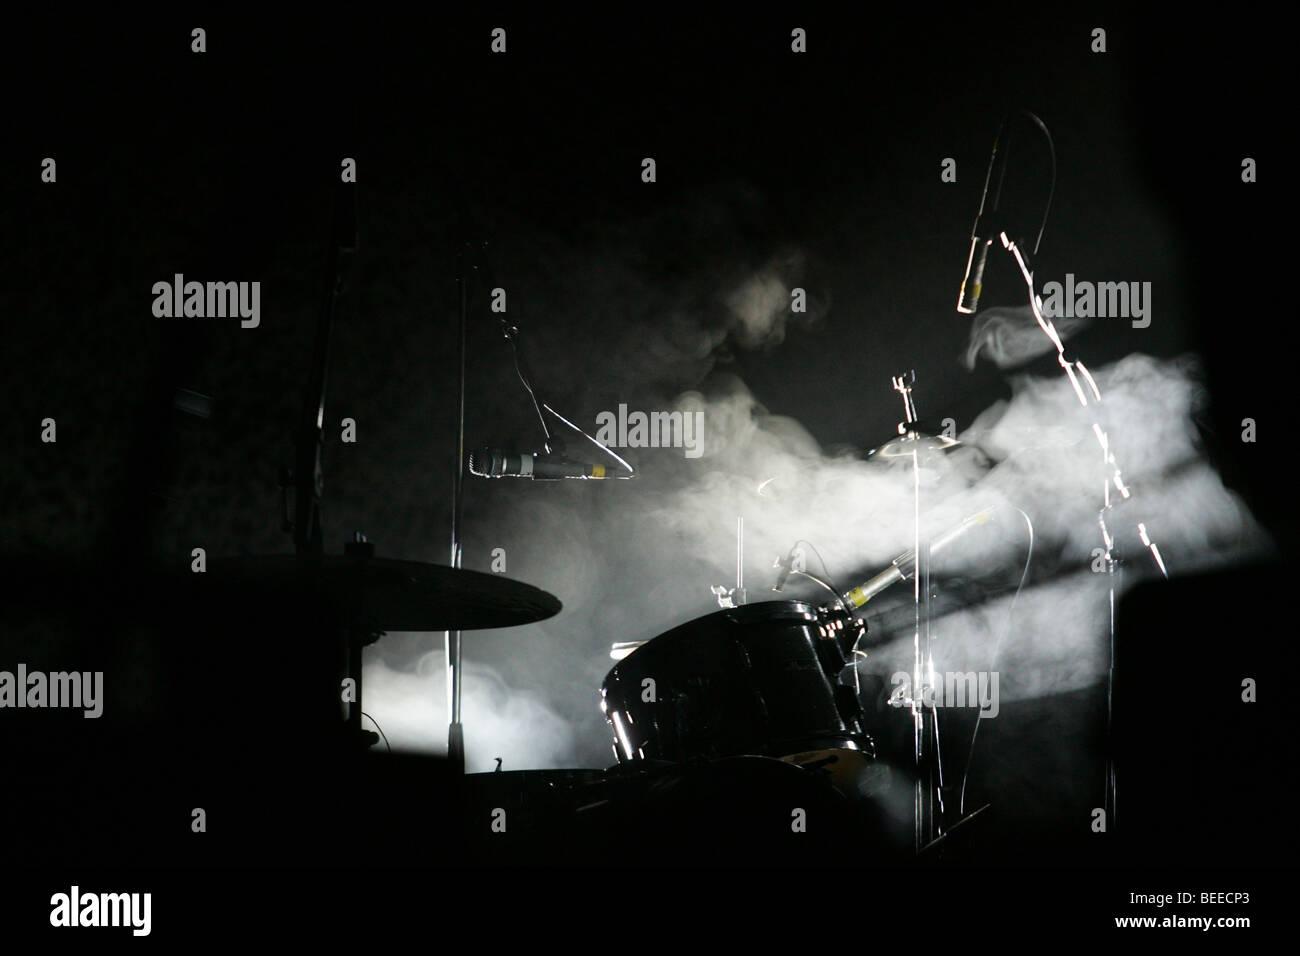 Drumkit Imagen De Stock